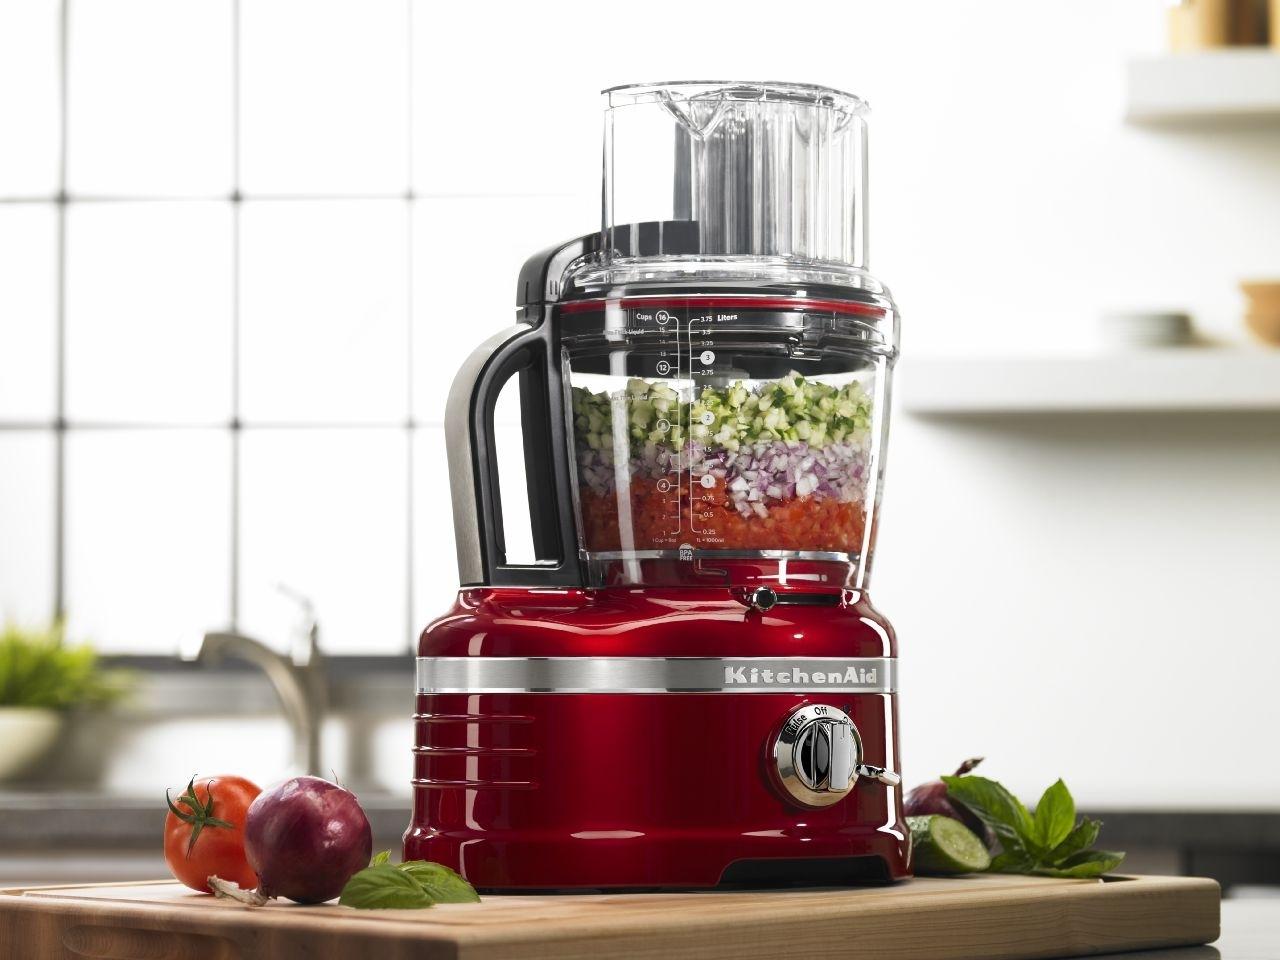 Automatische Mixer Keuken : Op zoek naar een assistent in de keuken een mixer keukenrobot